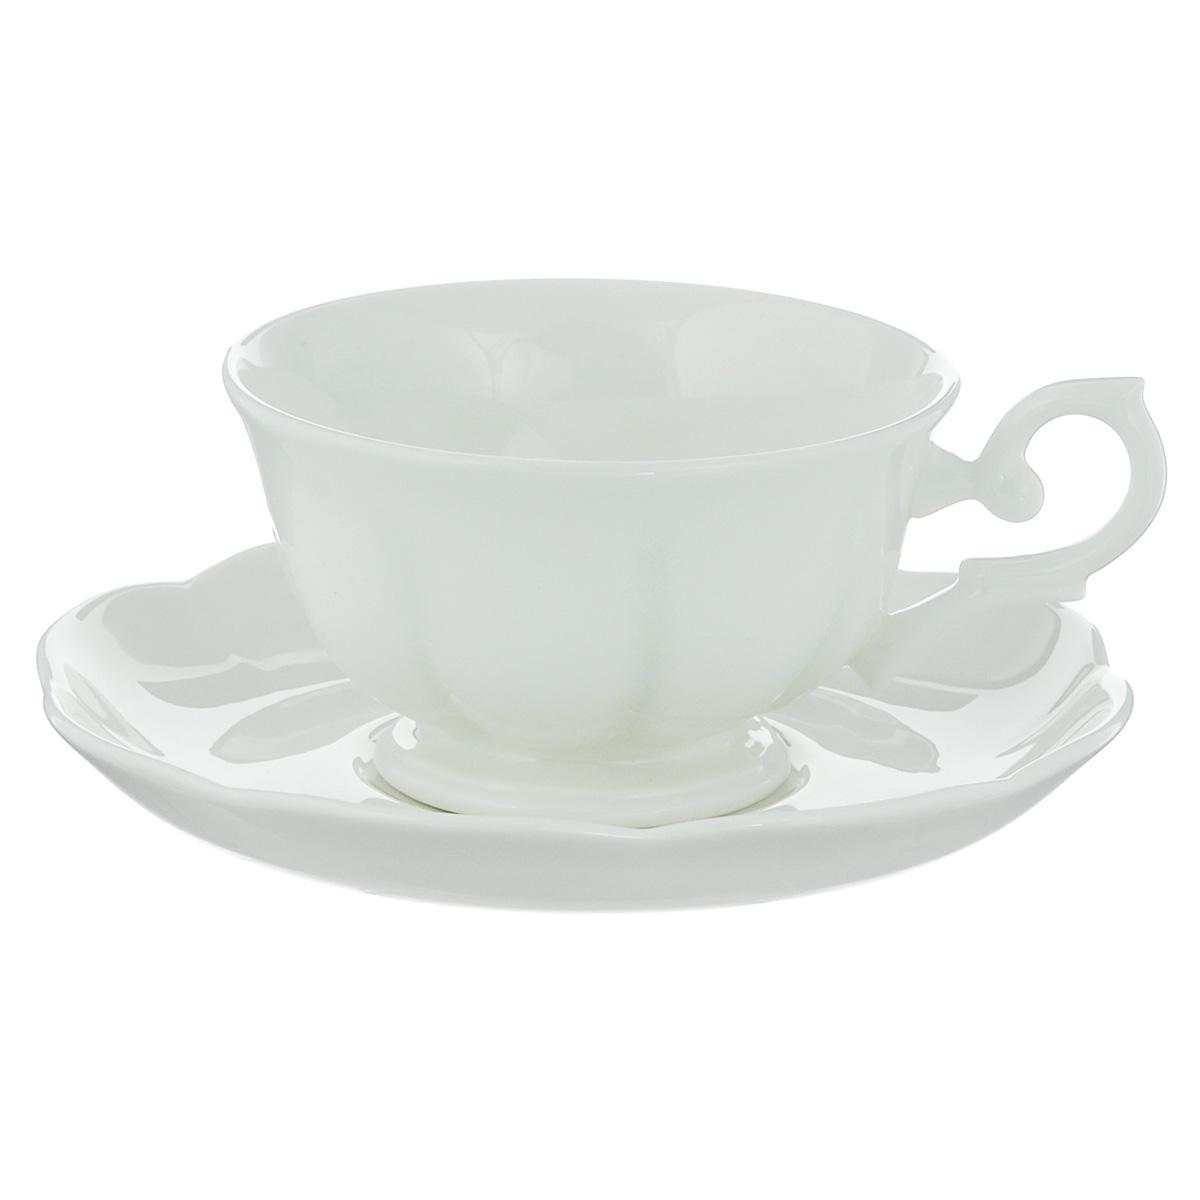 Чайная пара Royal Bone China White, 2 предмета54 009303Набор Royal Bone China White состоит из чашки и блюдца, изготовленных из костяного фарфора с содержанием костяной муки (45%). Основным достоинством изделий из костяного фарфора является абсолютно гладкая глазуровка. Такие изделия сочетают в себе изысканный вид с прочностью и долговечностью. Кружка оснащена изящной ручкой и декорирована вертикальными бороздами, блюдце имеет волнообразные края. Изделия Royal Bone Chine по праву считаются элитными. Благодаря такому набору пить напитки будет еще вкуснее.Объем чашки: 180 мл.Диаметр блюдца: 15 см.